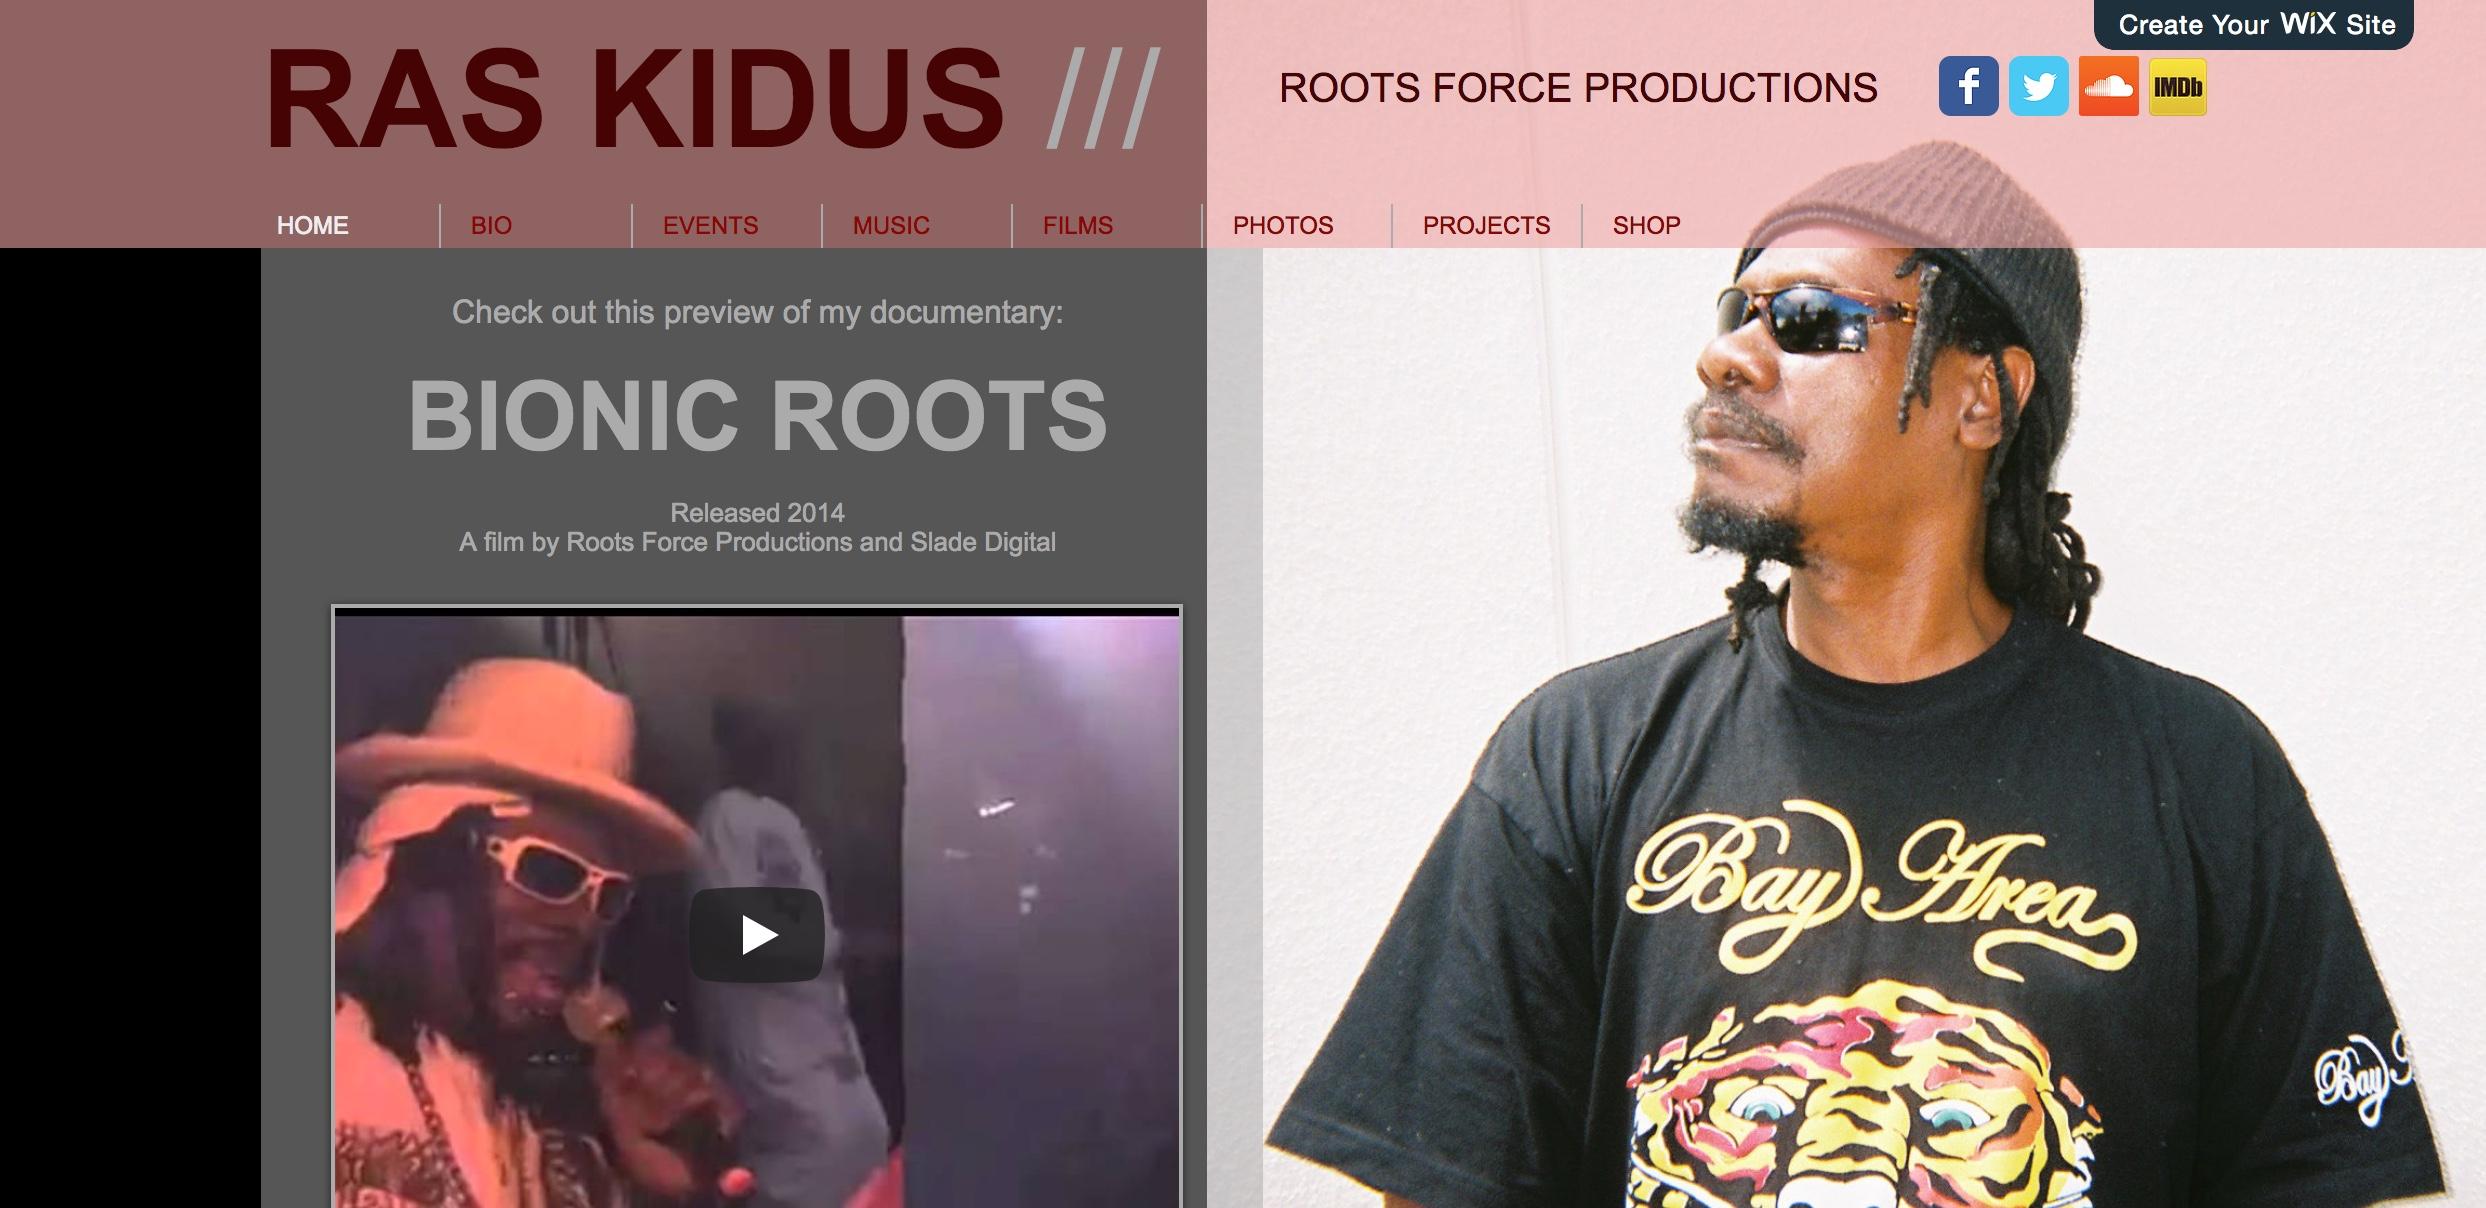 Raskidus Website Screencapture.jpeg